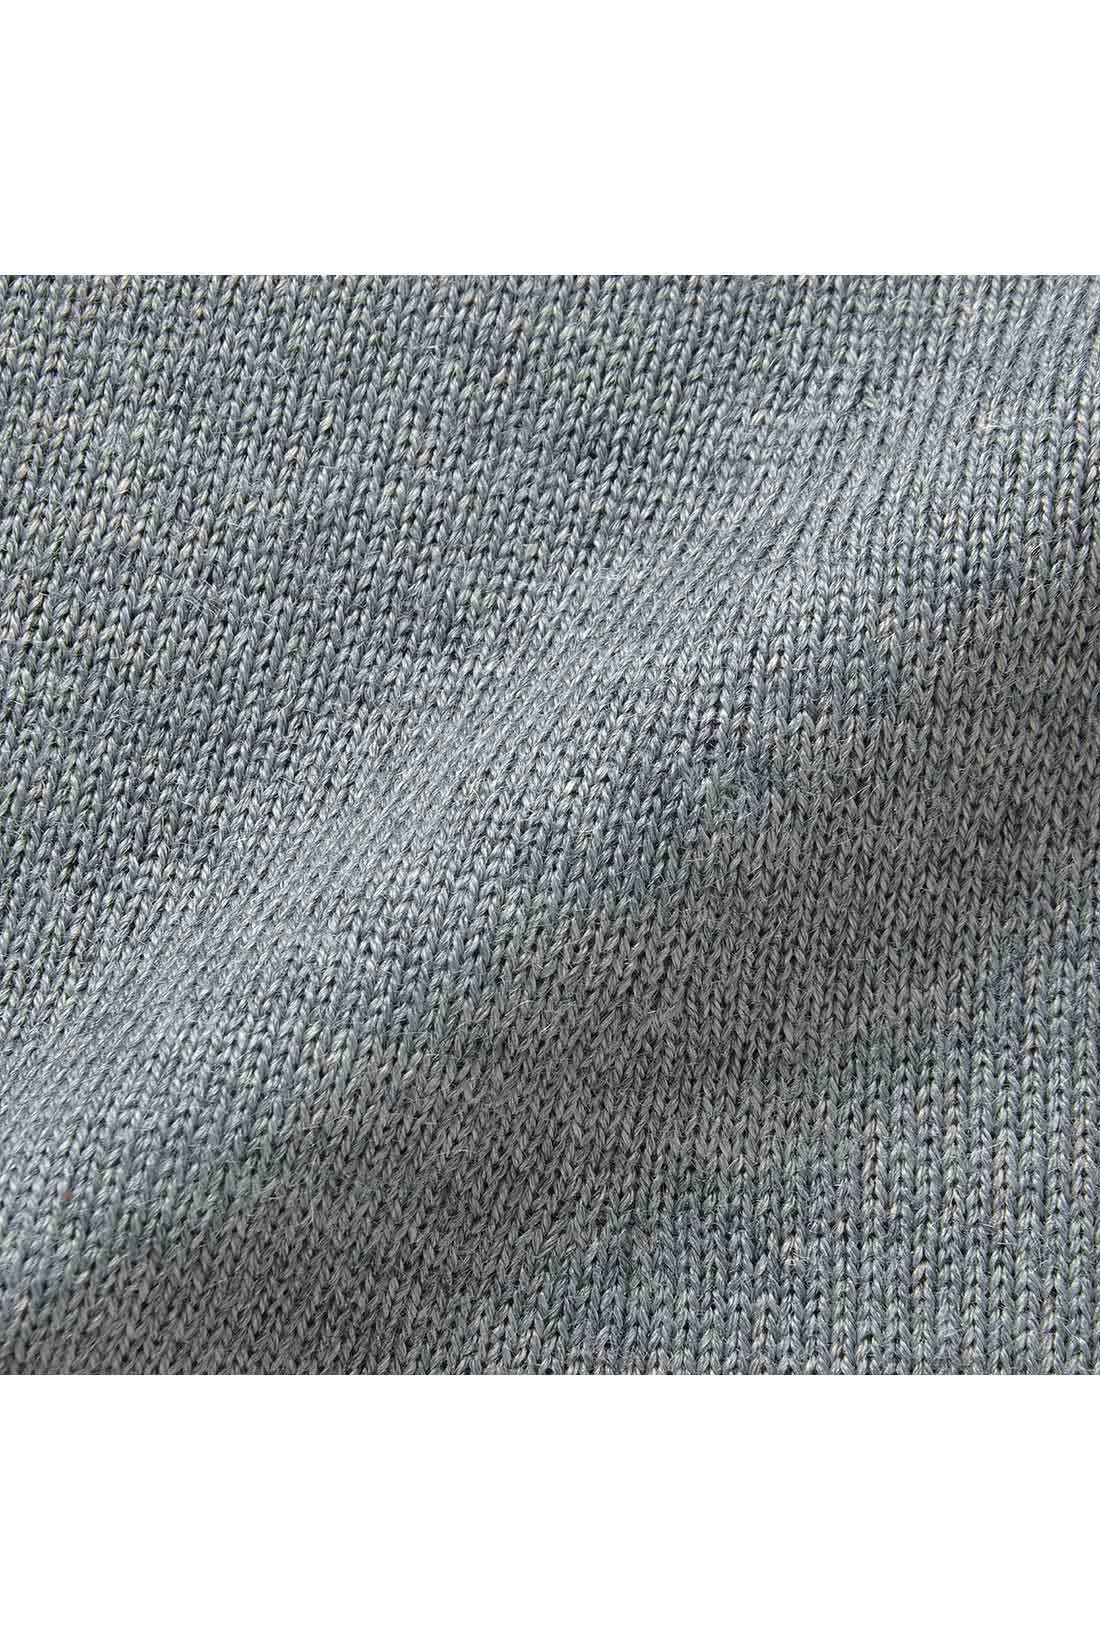 イタリーウール イタリアの紡績会社が開発した糸は、やわらかくしなやかな風合いでウール特有のチクチク感を軽減。おうちで洗えるイージーケアも魅力です。